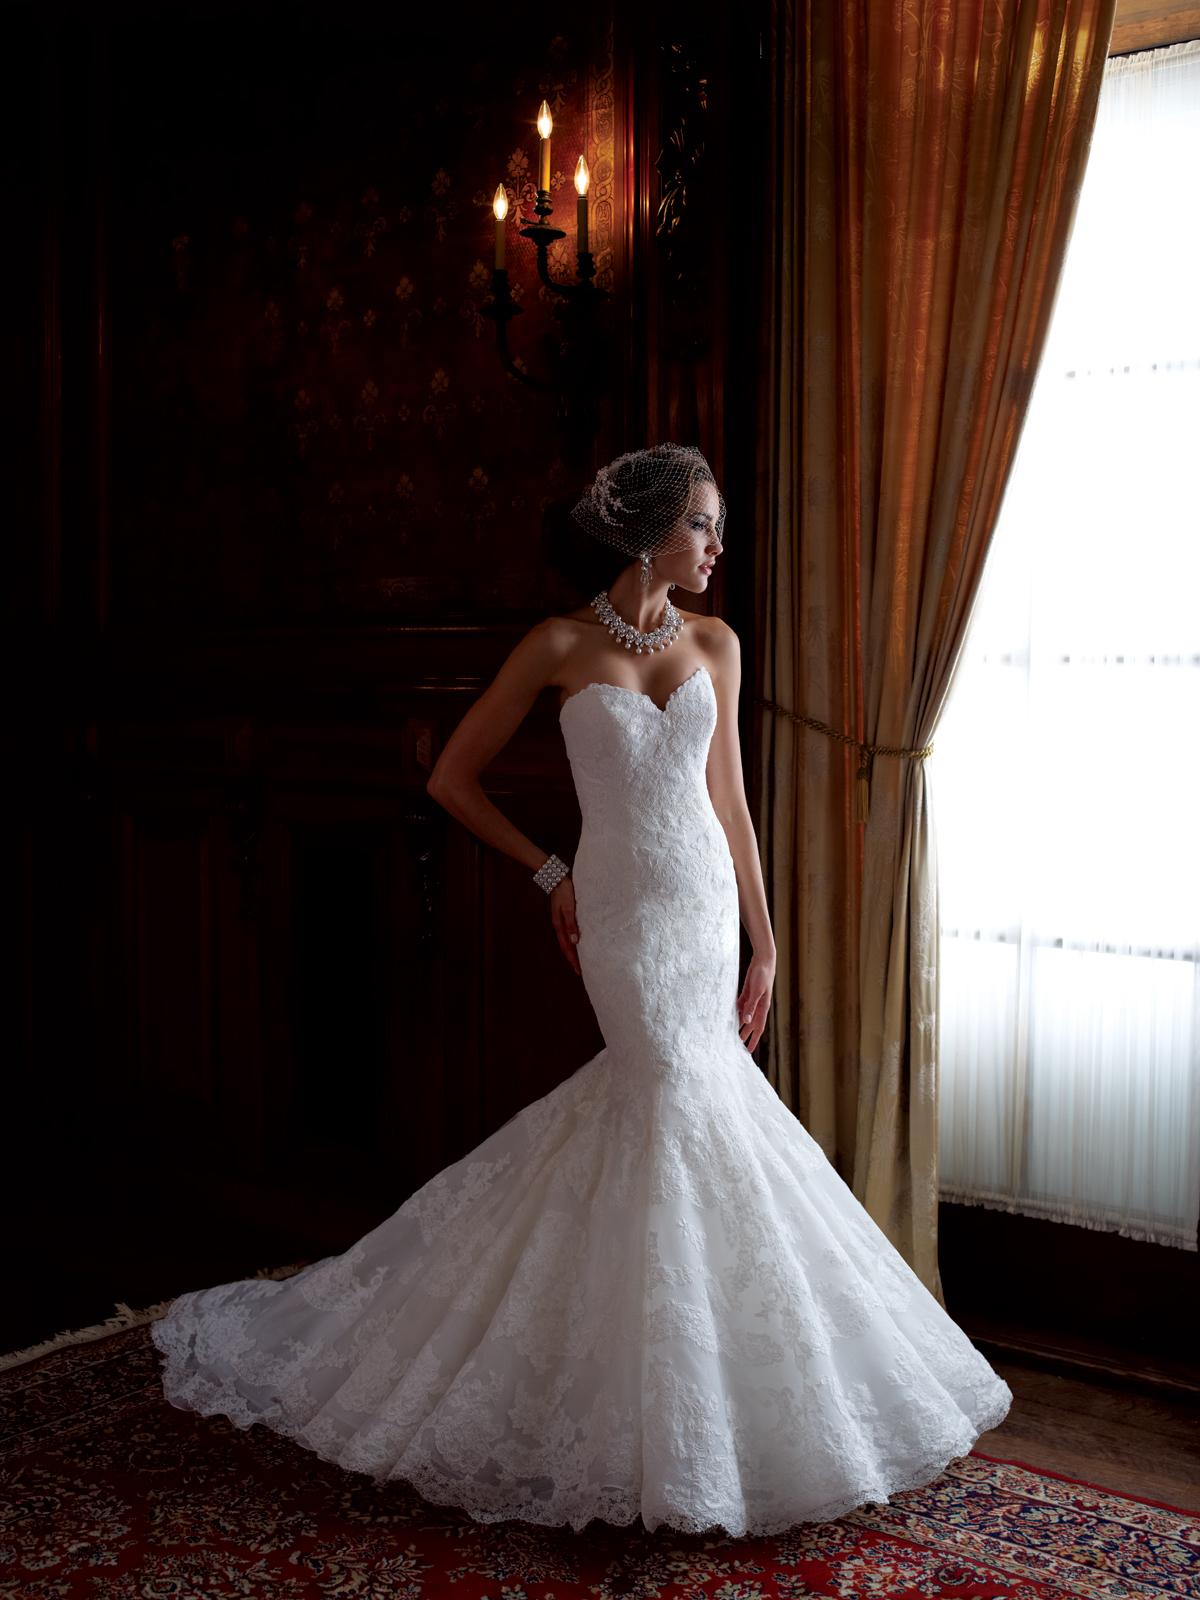 Vestido de Noiva Raine - Hipnose Alta Costura e Spa para Noivas e Noivos - Campinas - SP Vestido de Noiva, Vestidos de Noiva Sereia, Hipnose Alta Costura, Vestido de Noiva Raine